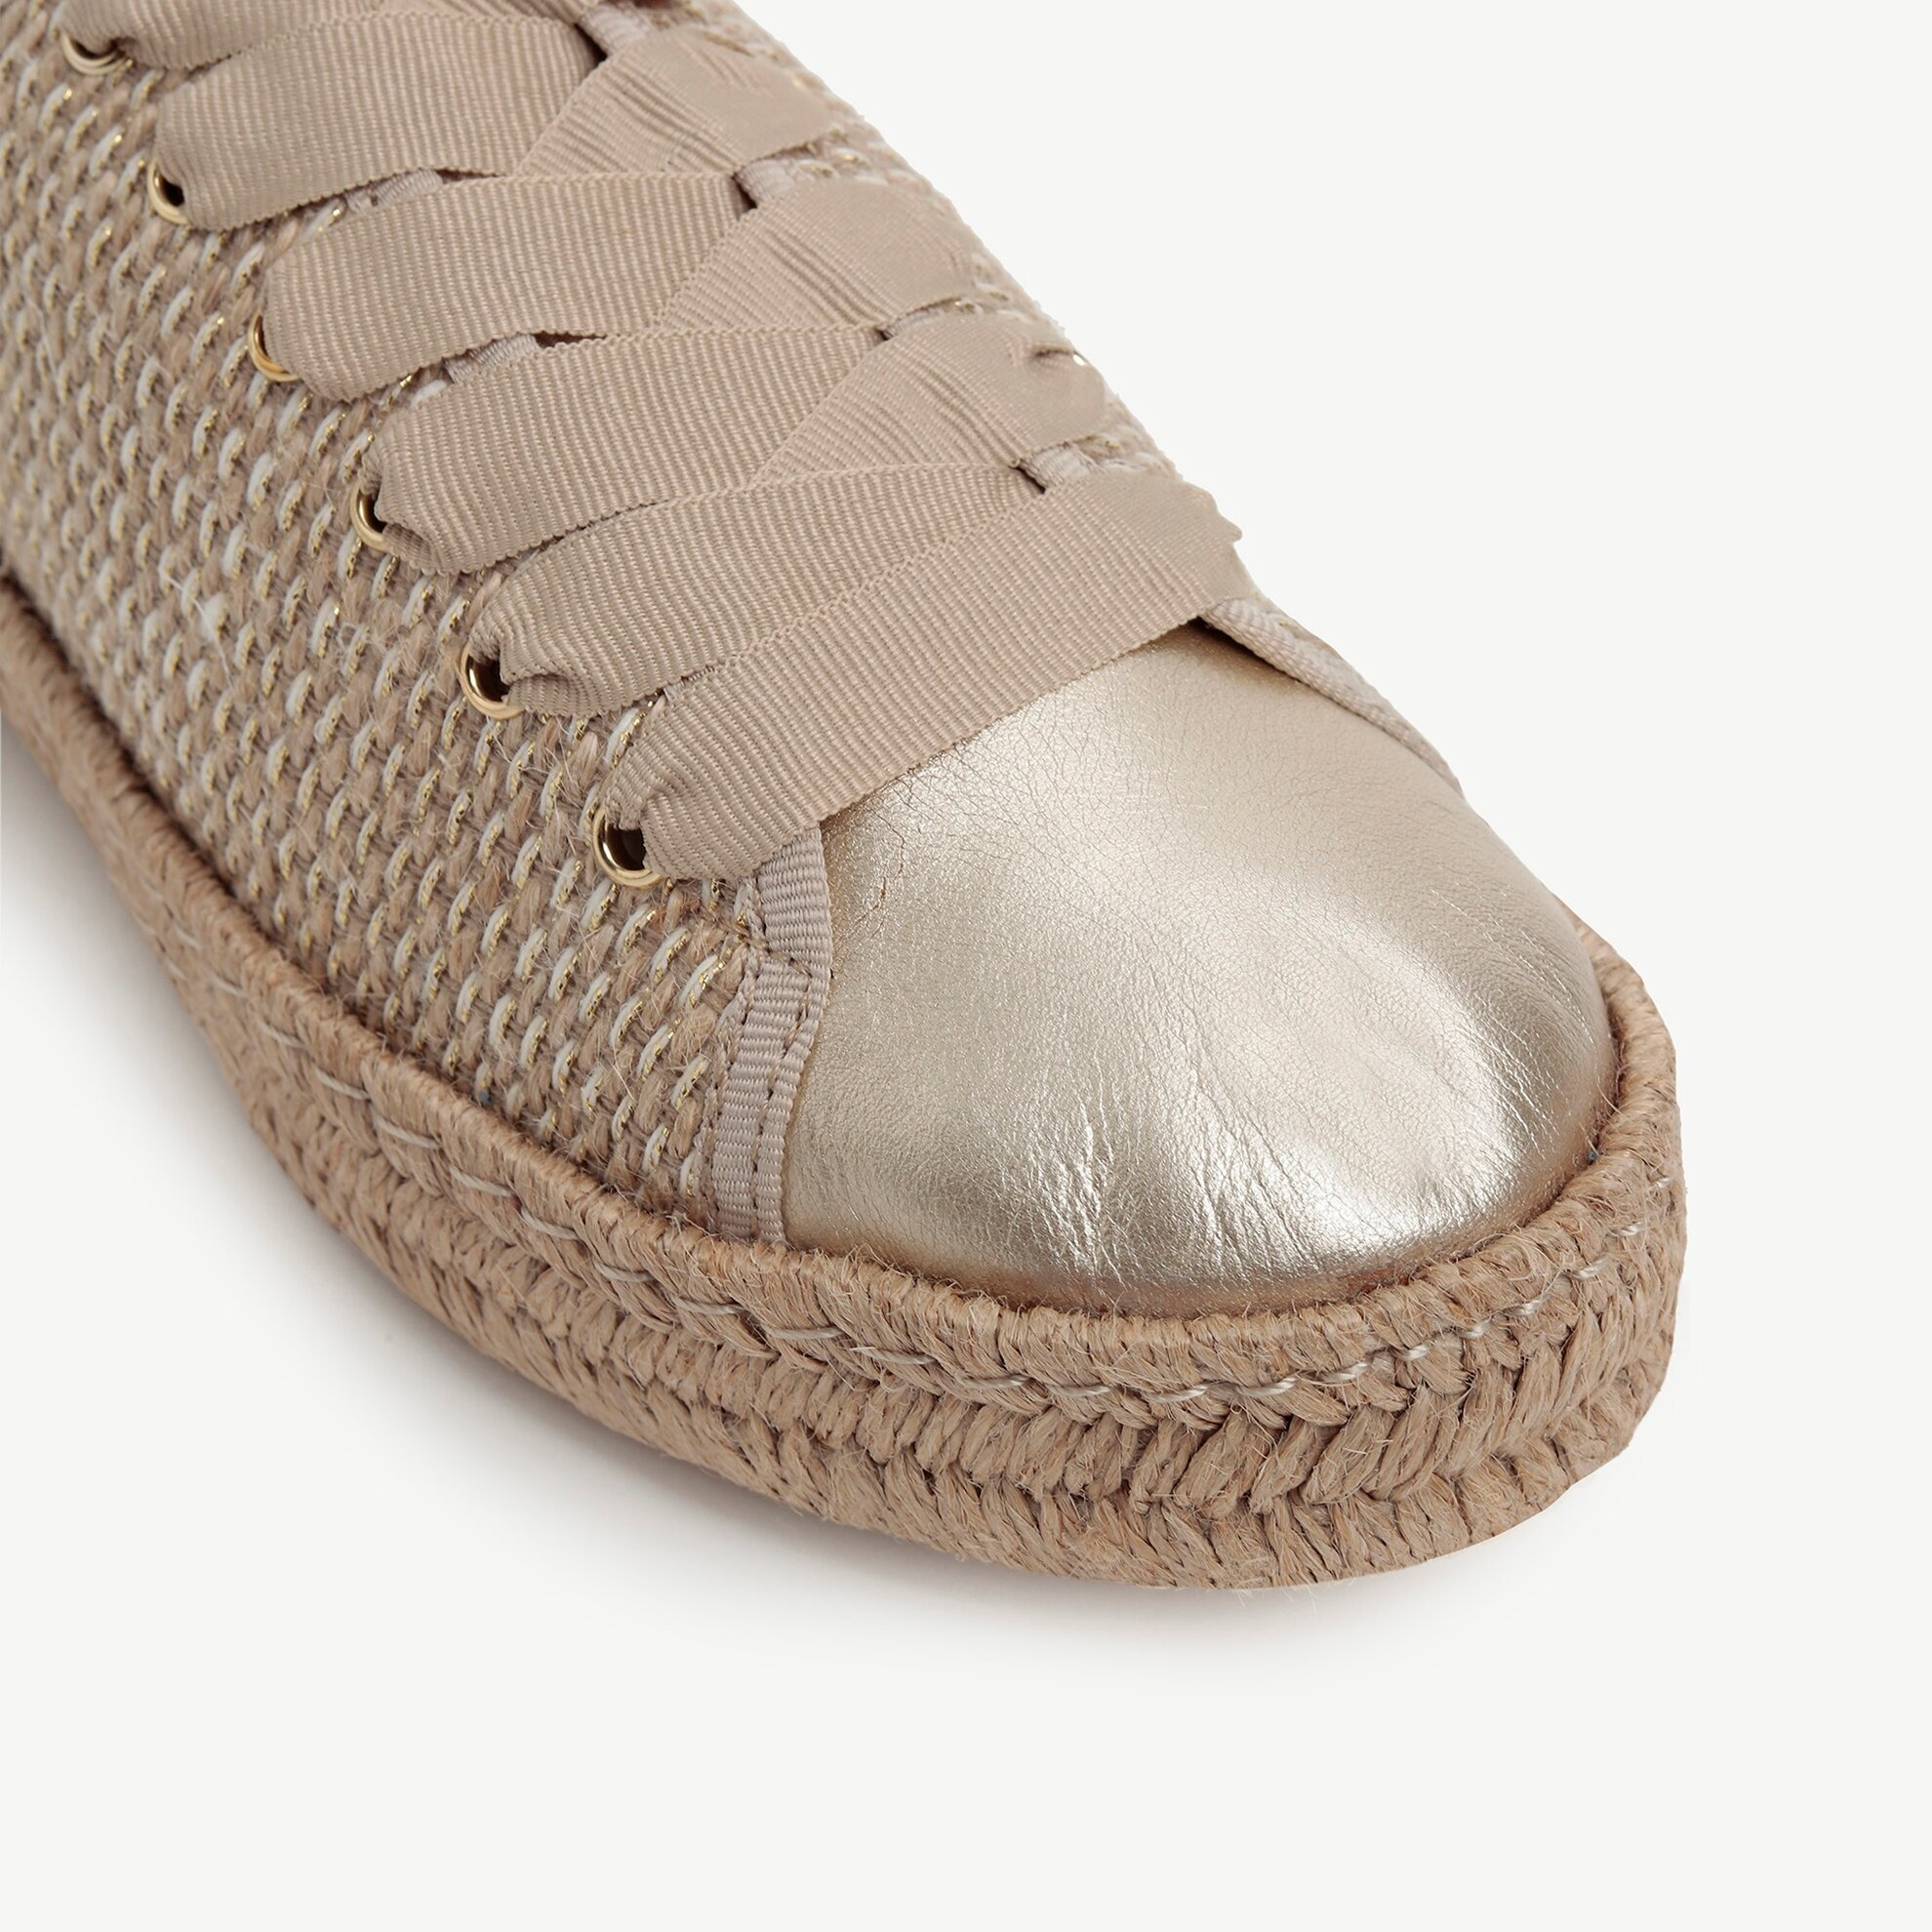 Hasır Karışım Kumaşlı Jüt Örgü Tabanlı Burnu Deri Detaylı  Spor Ayakkabı